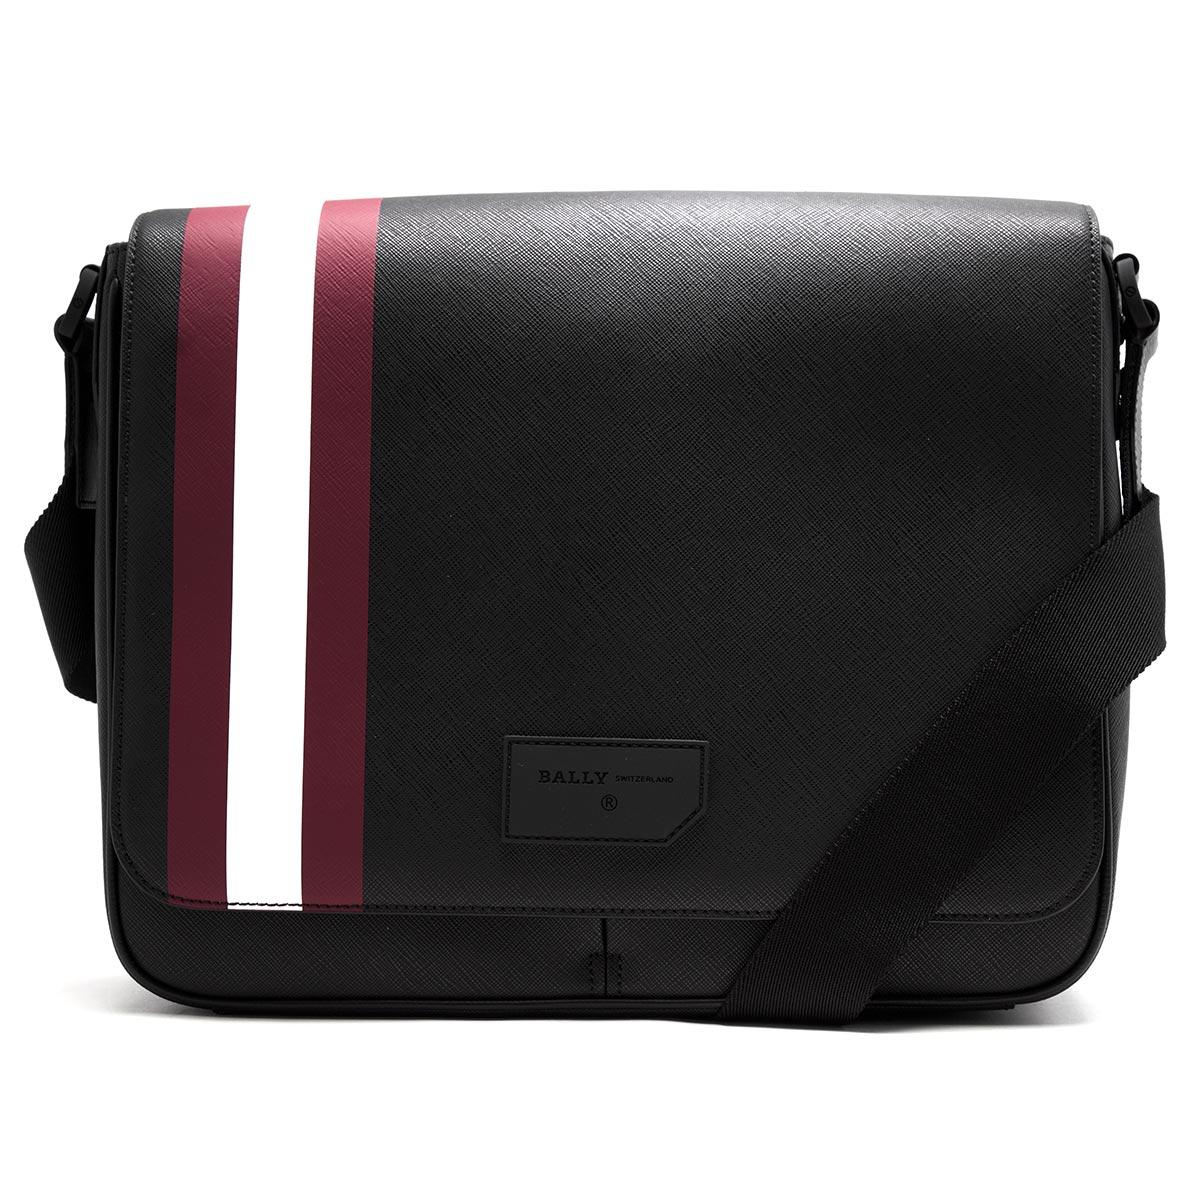 バリー ショルダーバッグ バッグ メンズ ストラッド STRAD ブラック STRADOF 06 6224079 BALLY